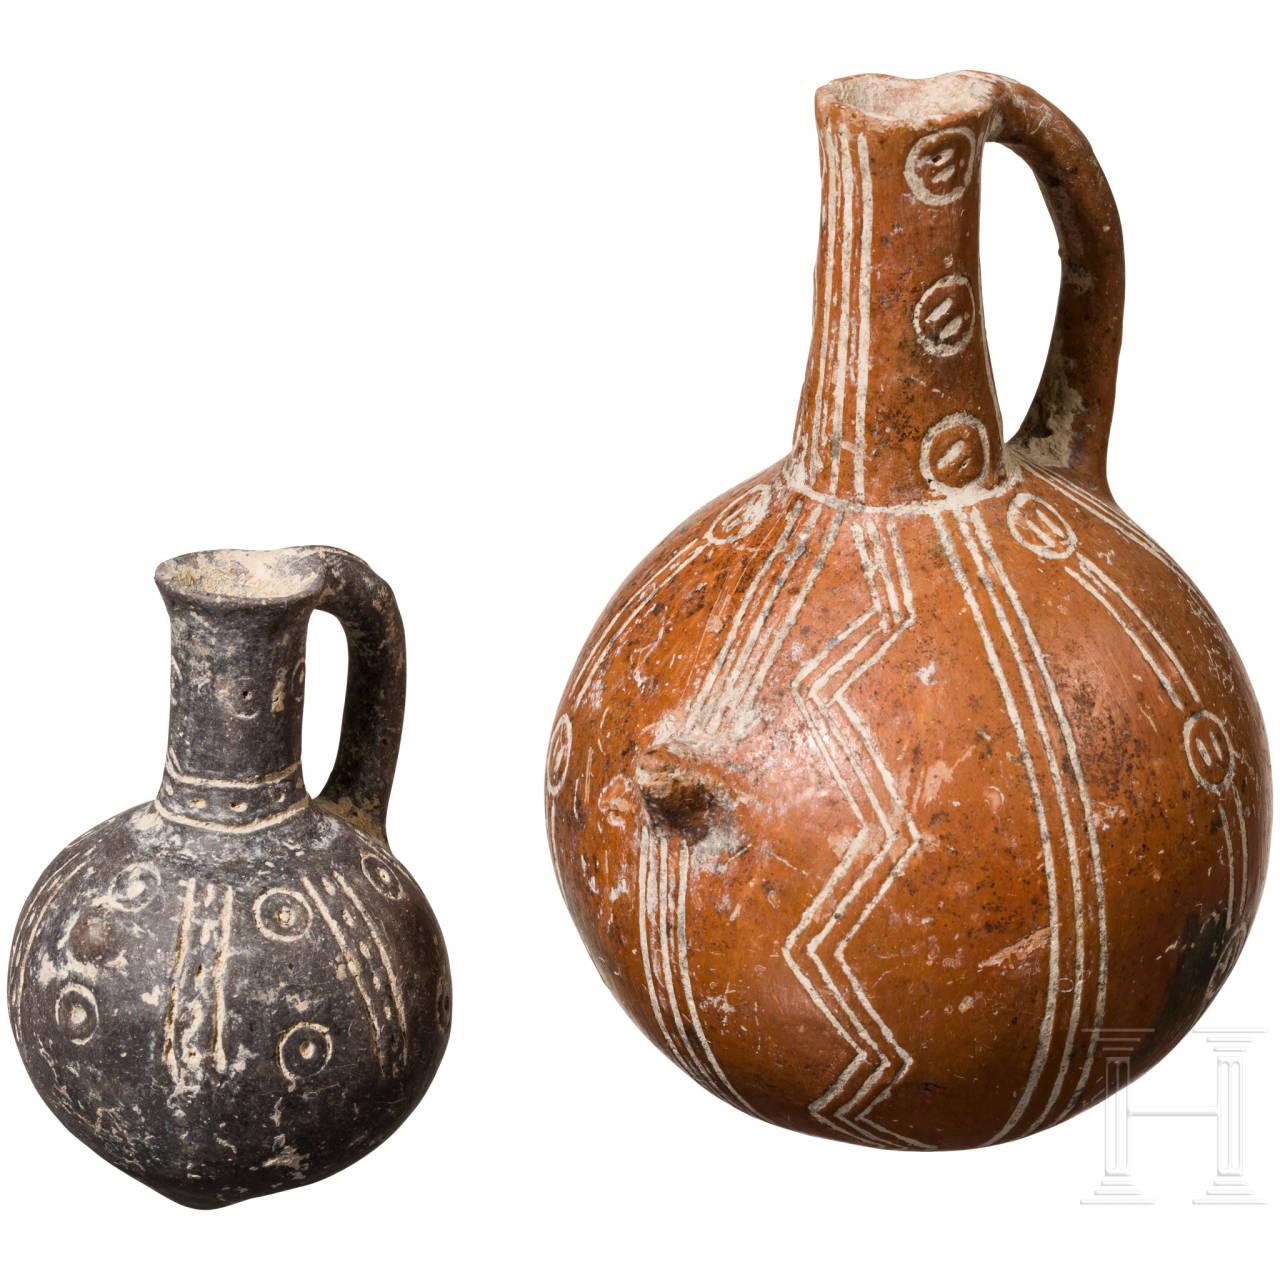 Zwei kugelige Flaschen mit Ritzdekor, Zypern, frühe Bronzezeit, 2200 - 2000 v. Chr.